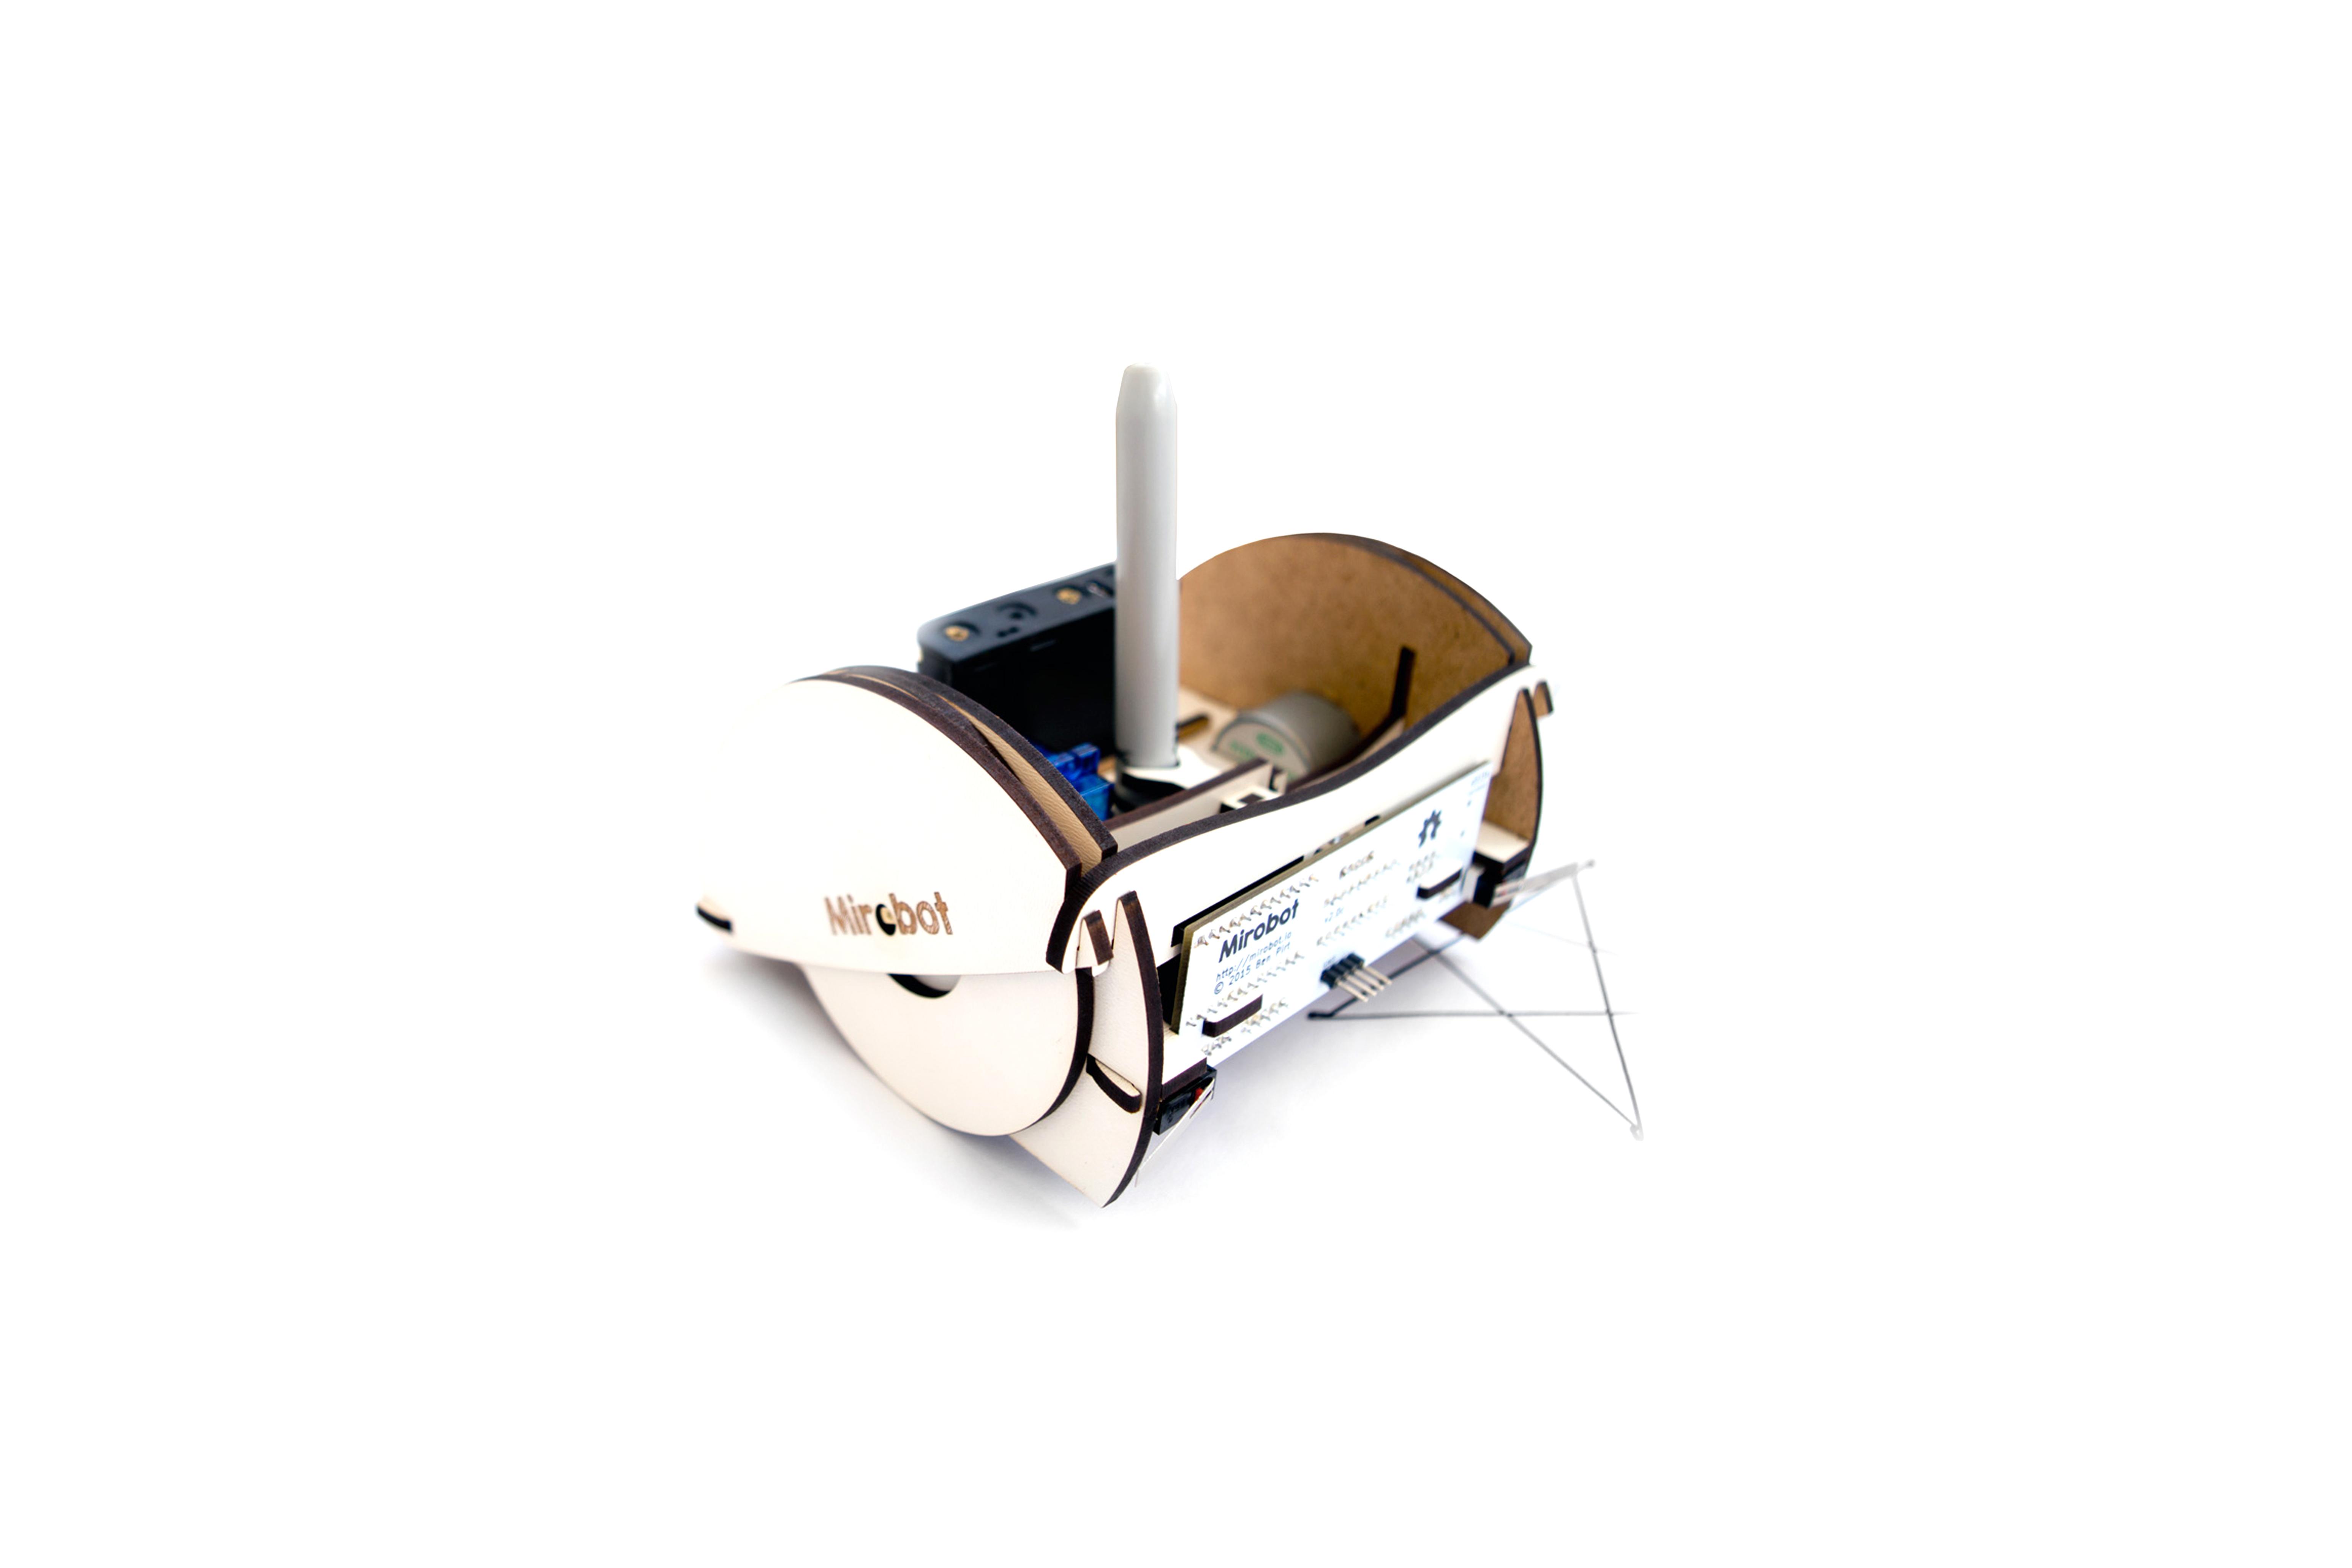 Mirobot Drawing Robot Kit - Full Kit